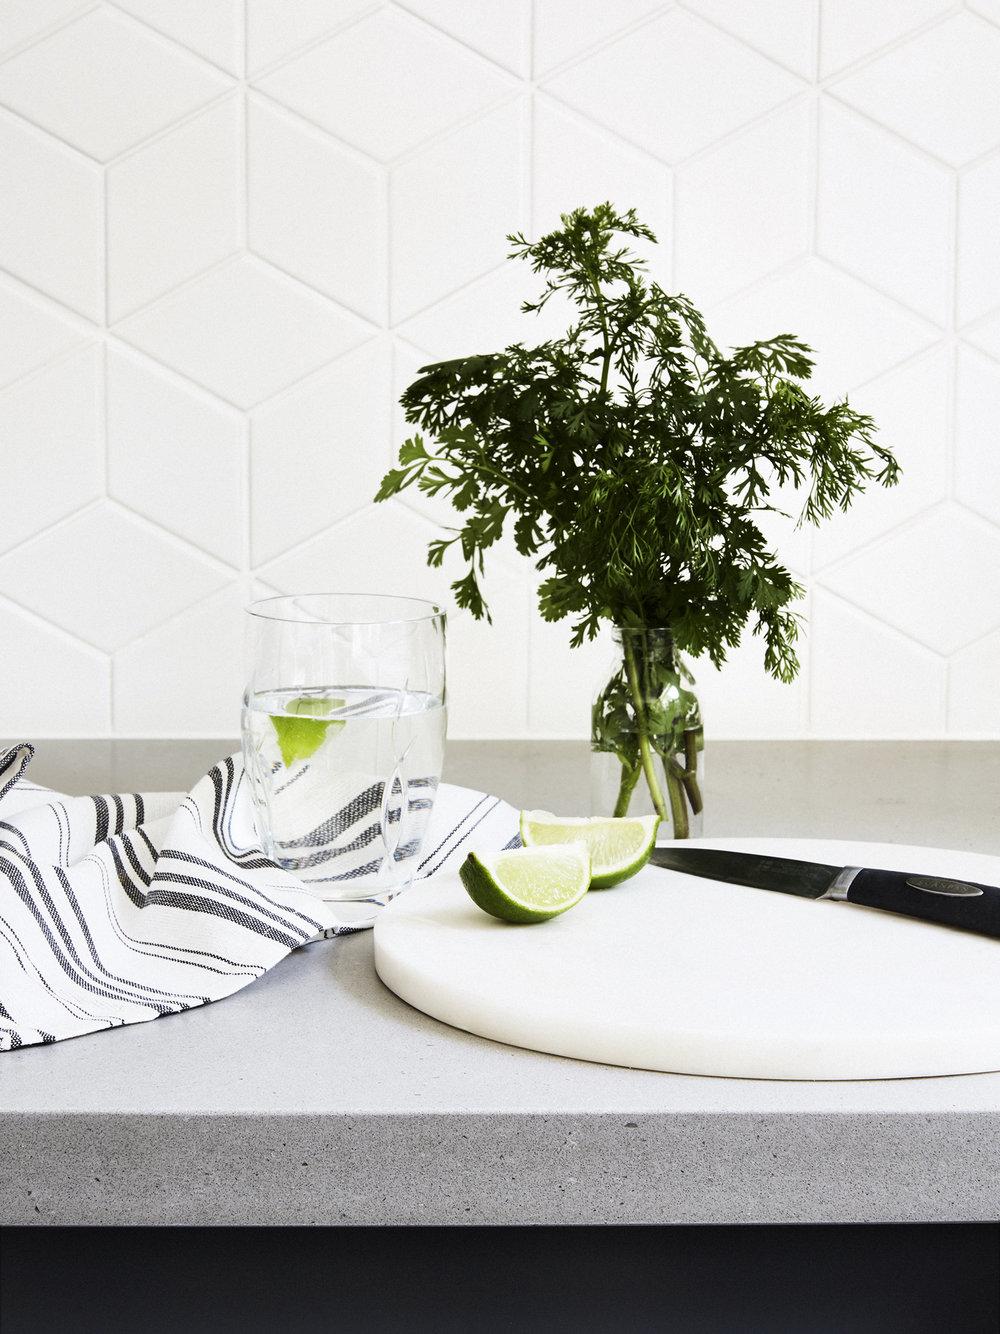 171103_Lintern_Kitchen_152_crop_T.jpg